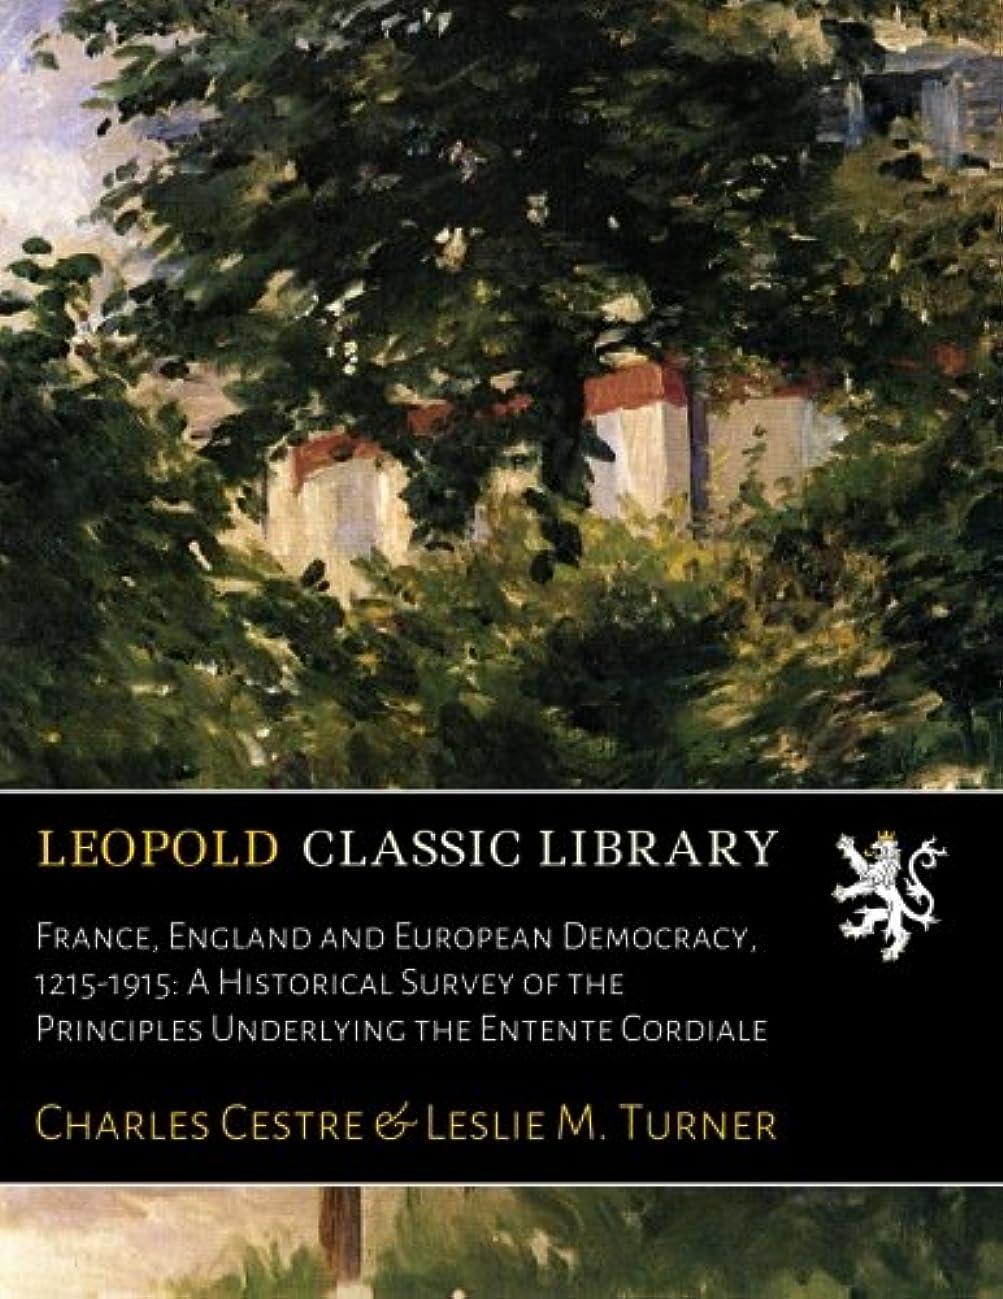 アセンブリ石油役割France, England and European Democracy, 1215-1915: A Historical Survey of the Principles Underlying the Entente Cordiale